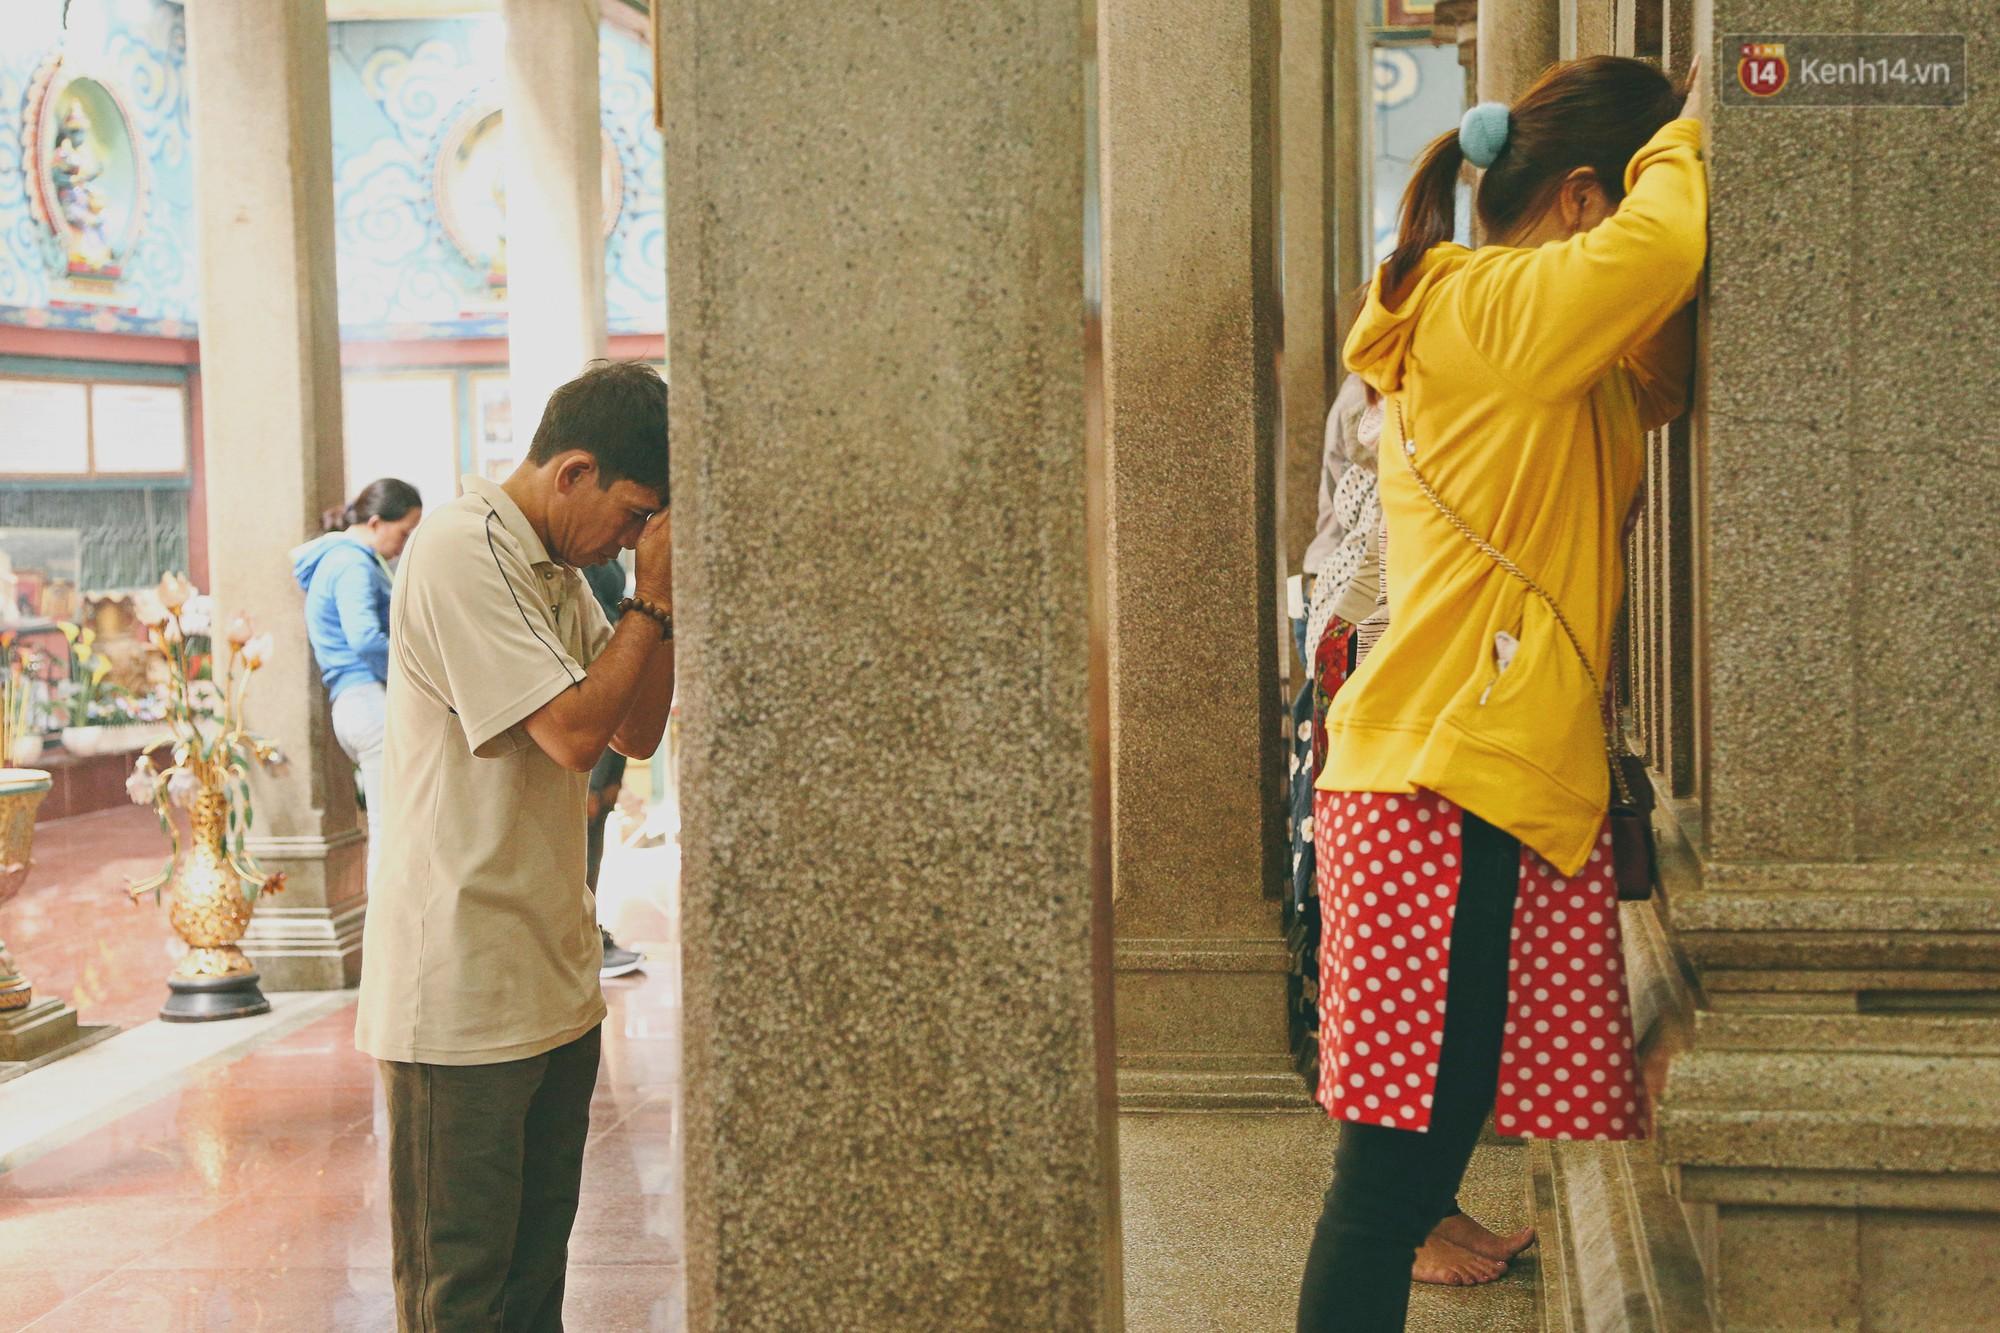 Người Sài Gòn tìm đến úp mặt tâm sự cùng tường đá trong ngôi đền Ấn giáo trăm tuổi - Ảnh 7.